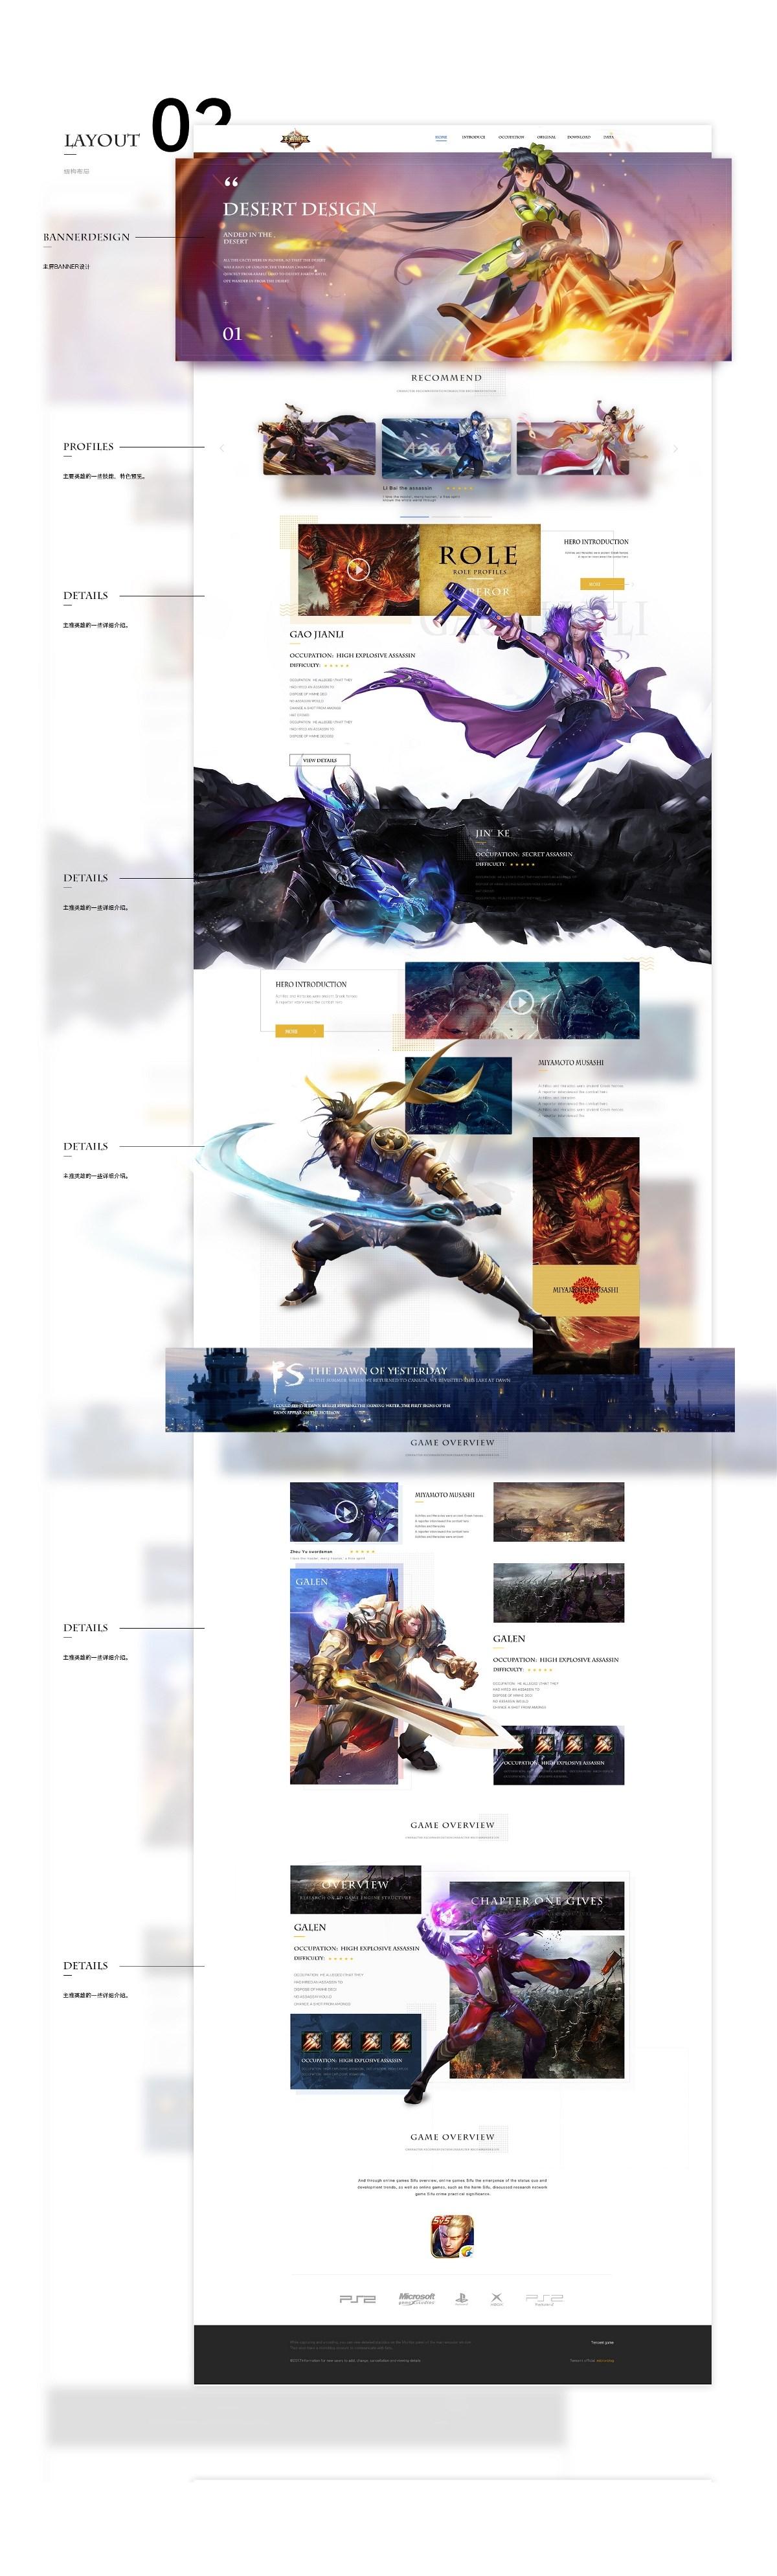 王者荣耀国外专题页设计